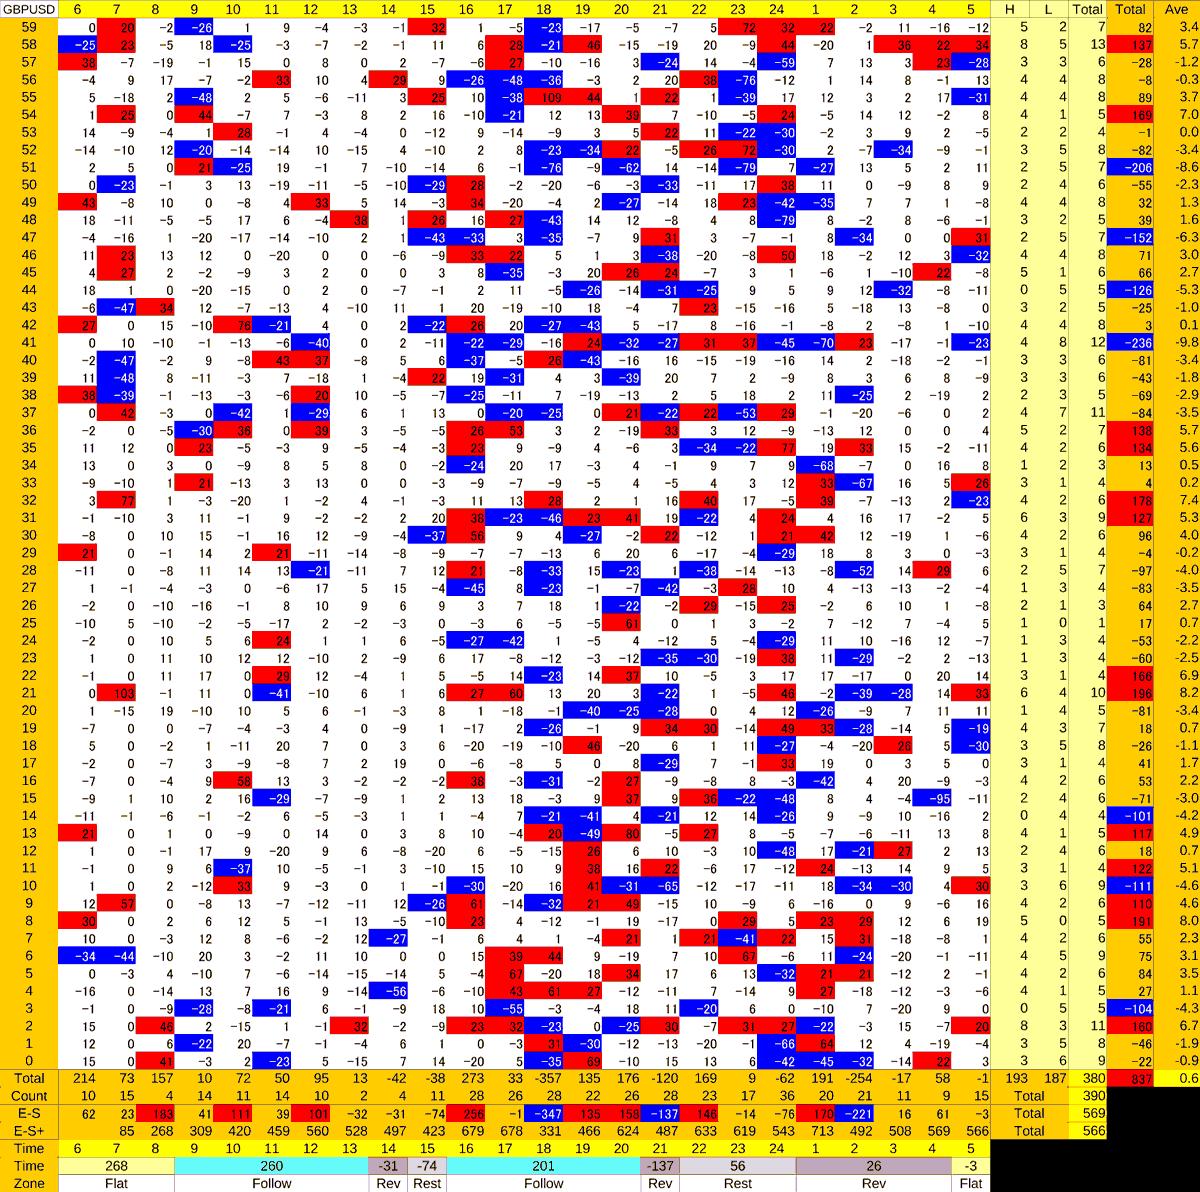 20201229_HS(2)GBPUSD